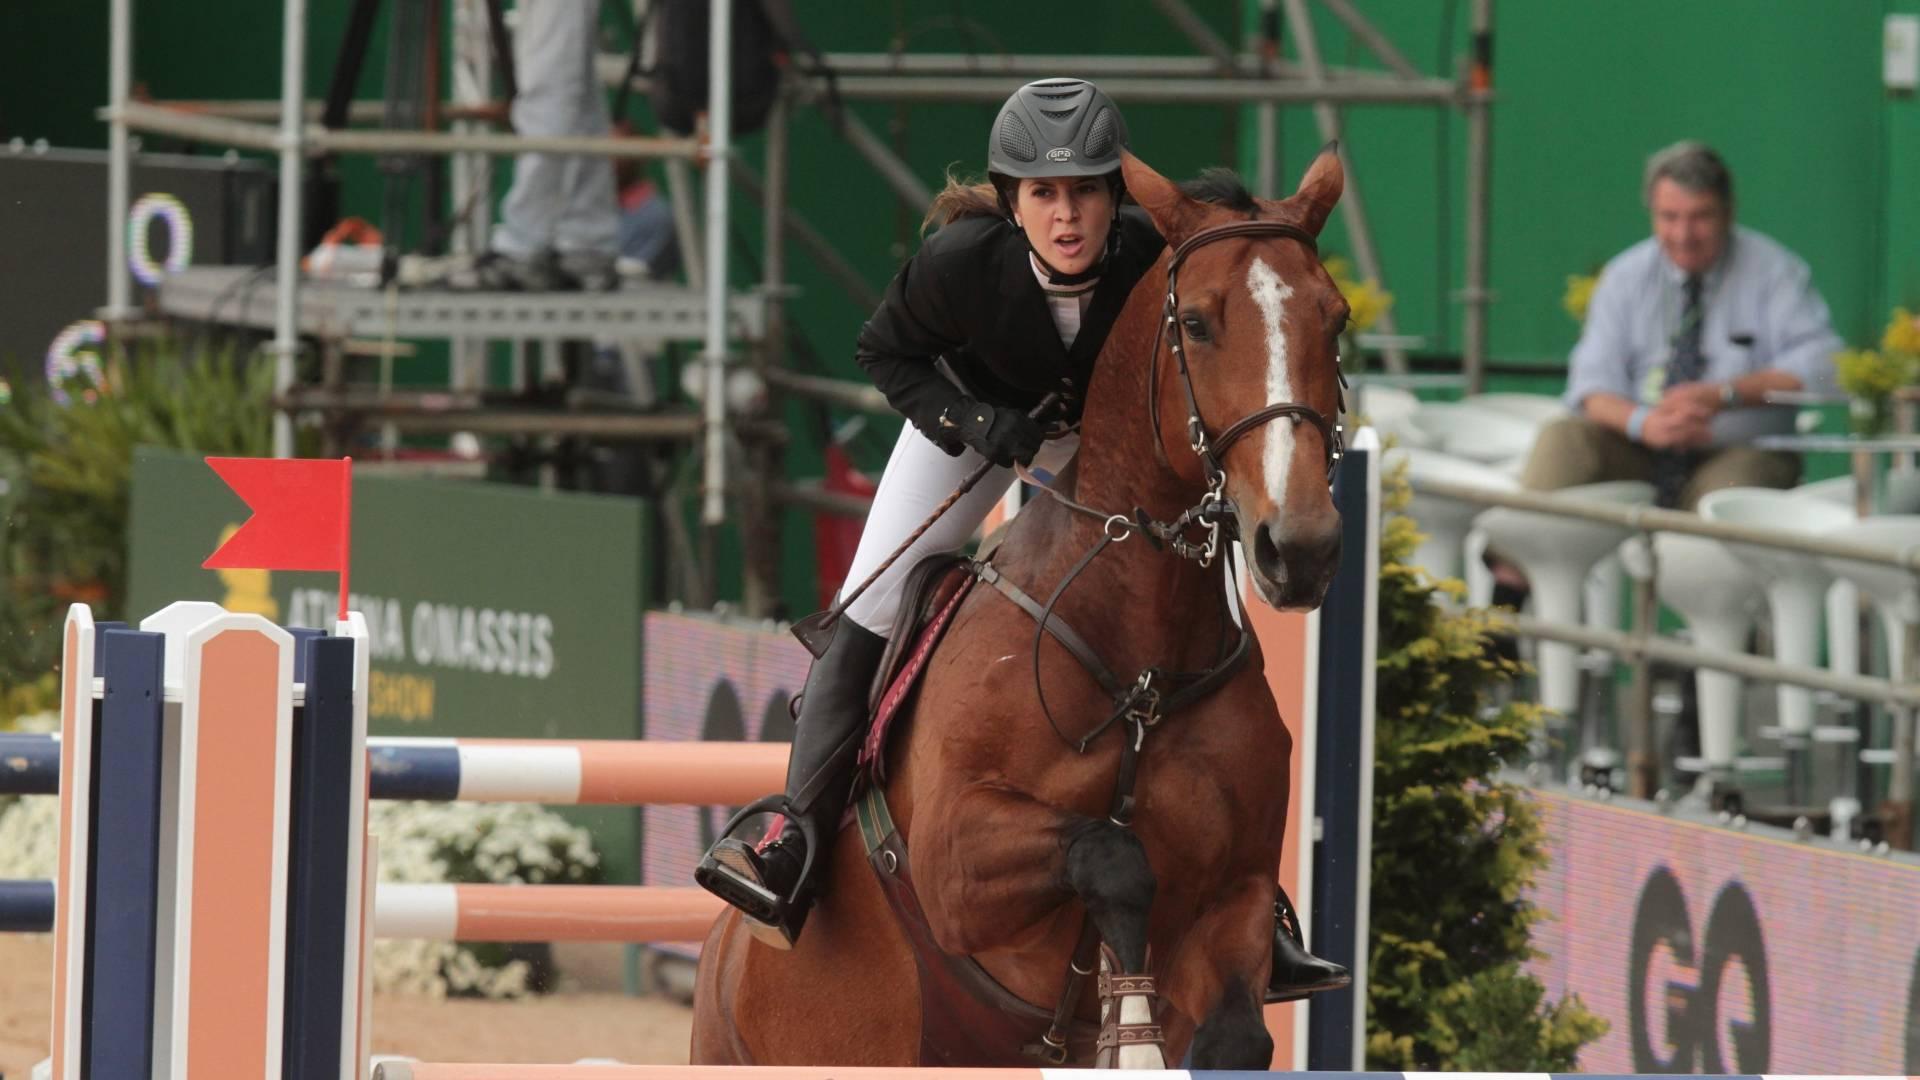 Kryzia Galvão, filha do cantor e ator Fábio Jr., compete no Athina Onassis Horse Show